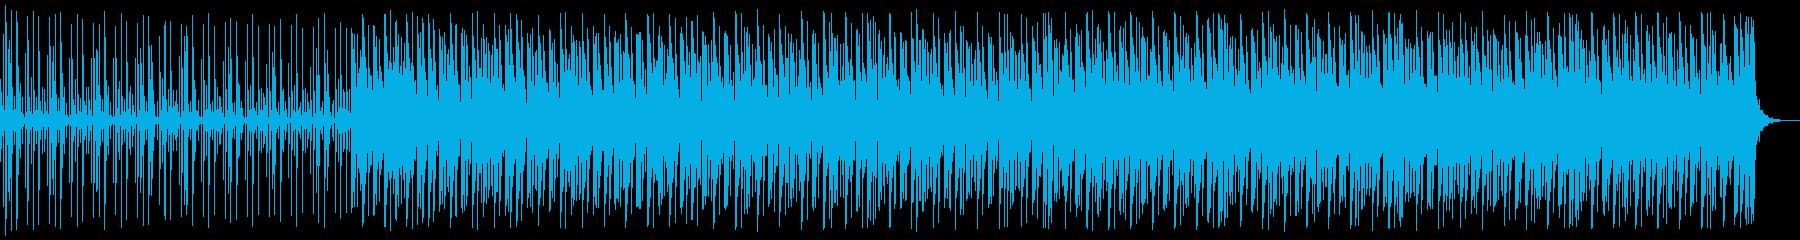 ビートの強いディープハウスNo681_3の再生済みの波形